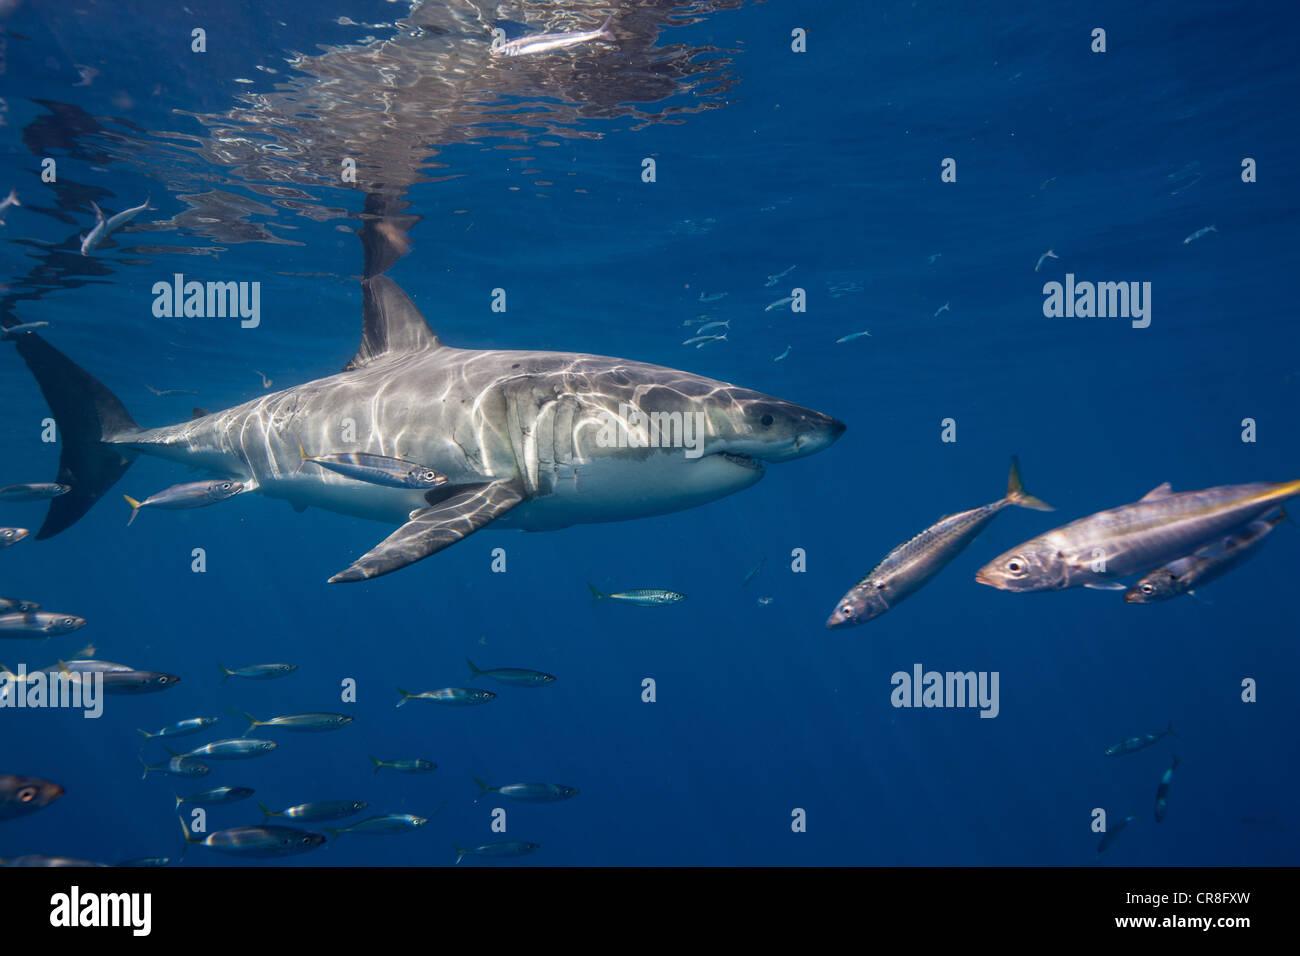 Great White Shark, Mexico. Stock Photo